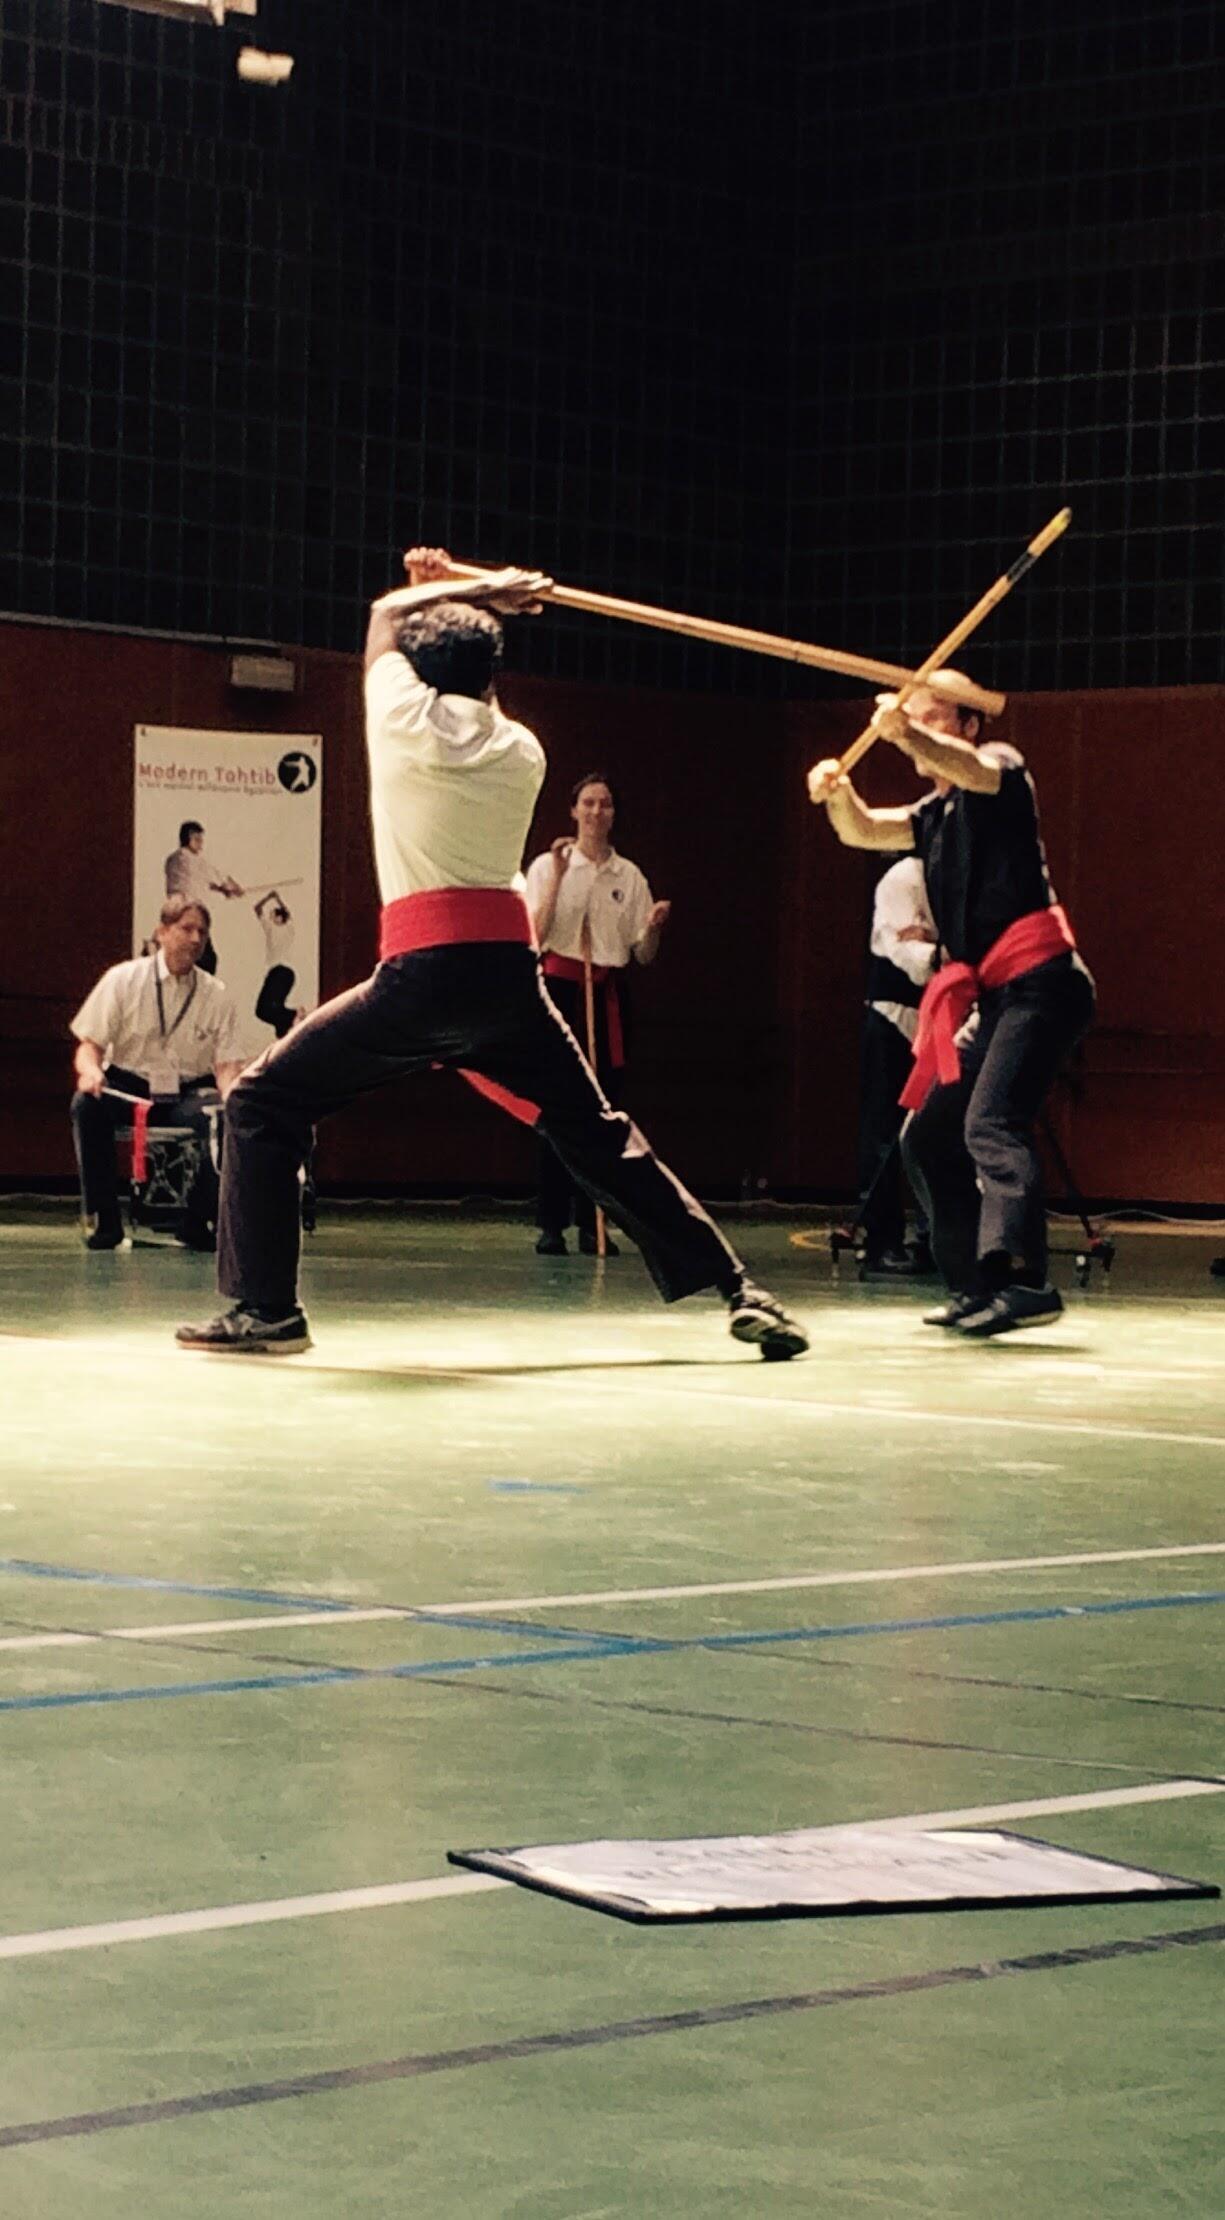 Tahtib combatants at a tournament in Paris